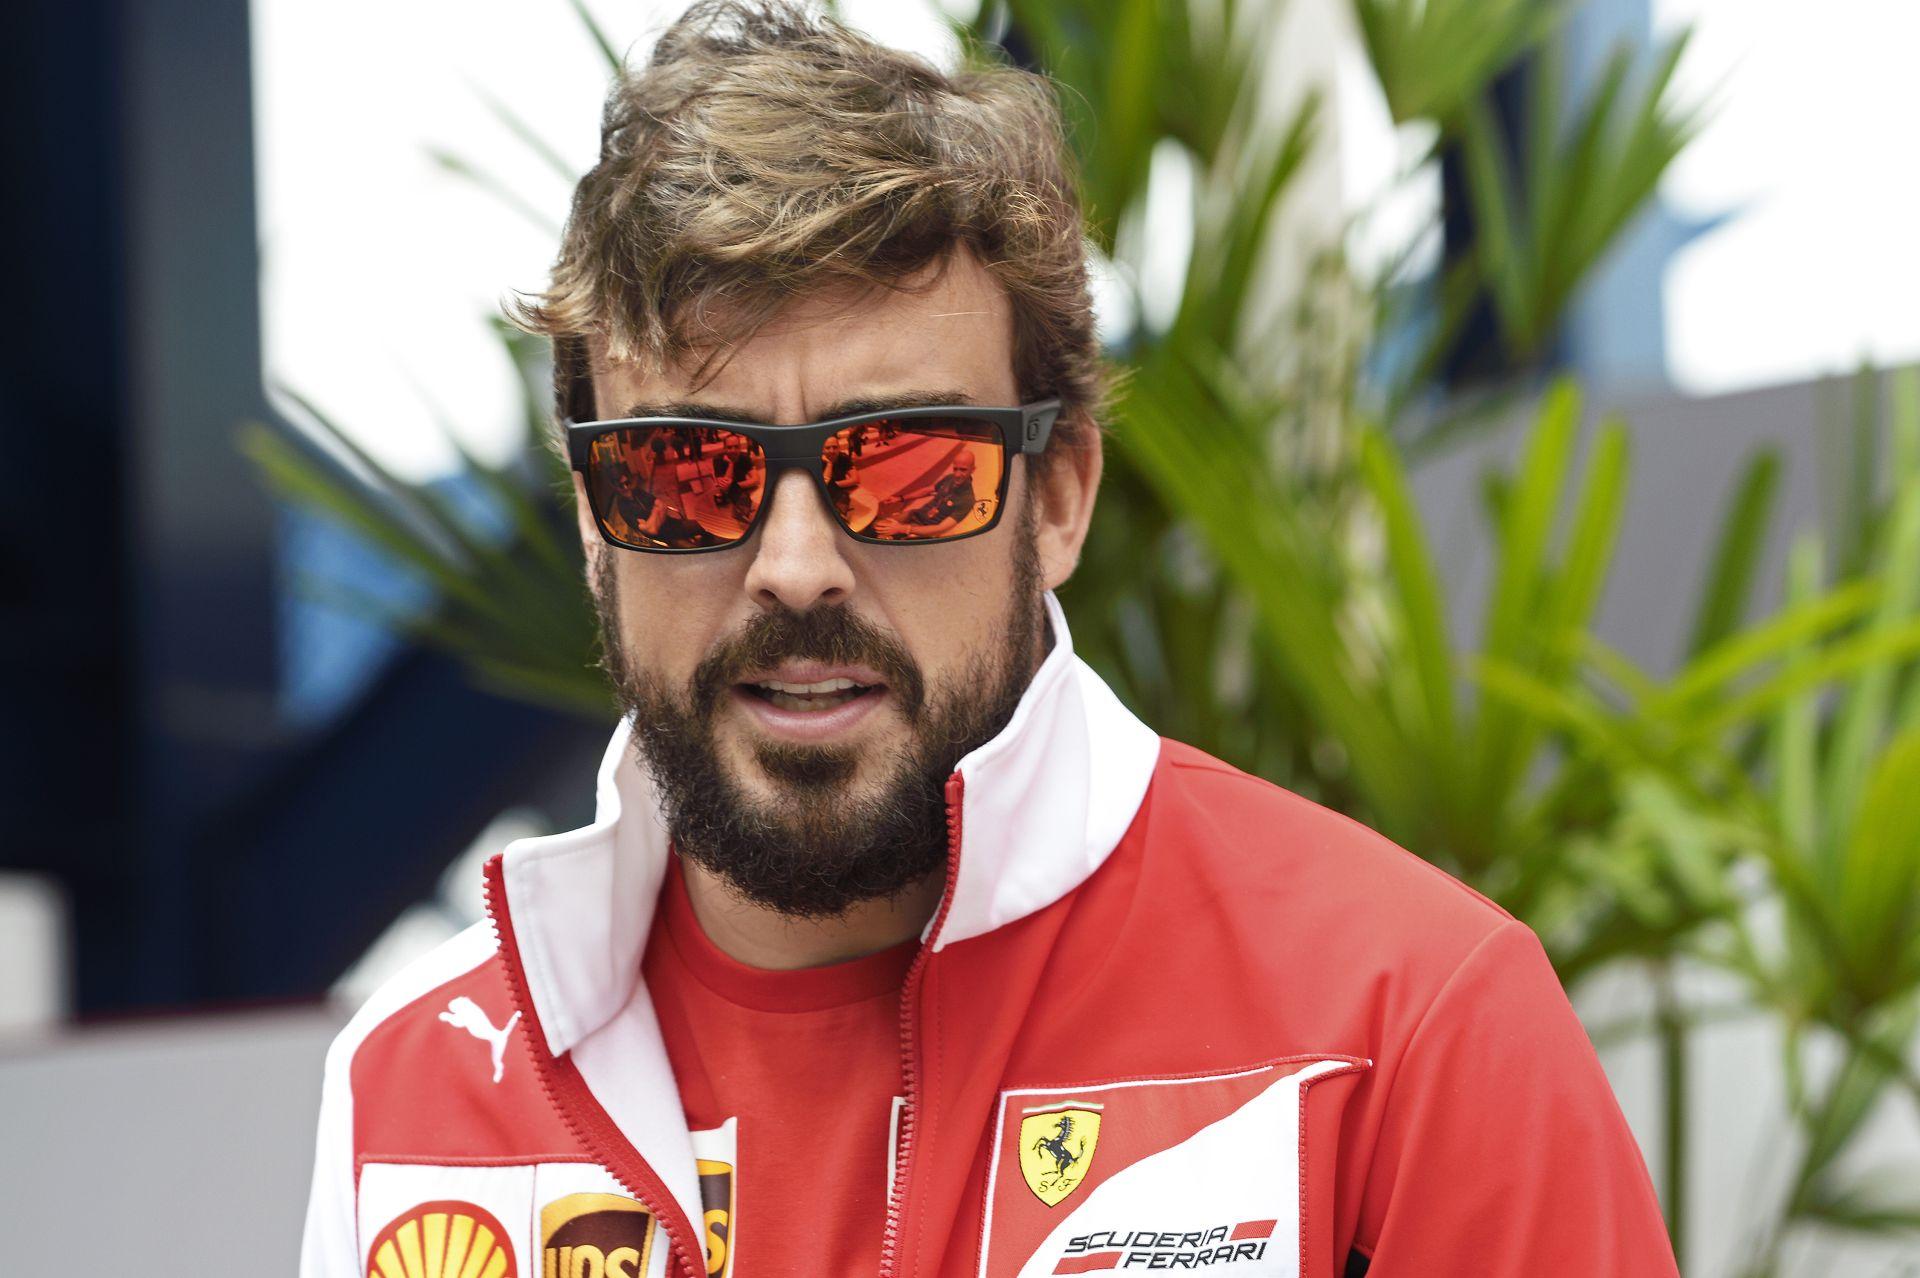 Hivatalos: Alonso elhagyja a Ferrarit!